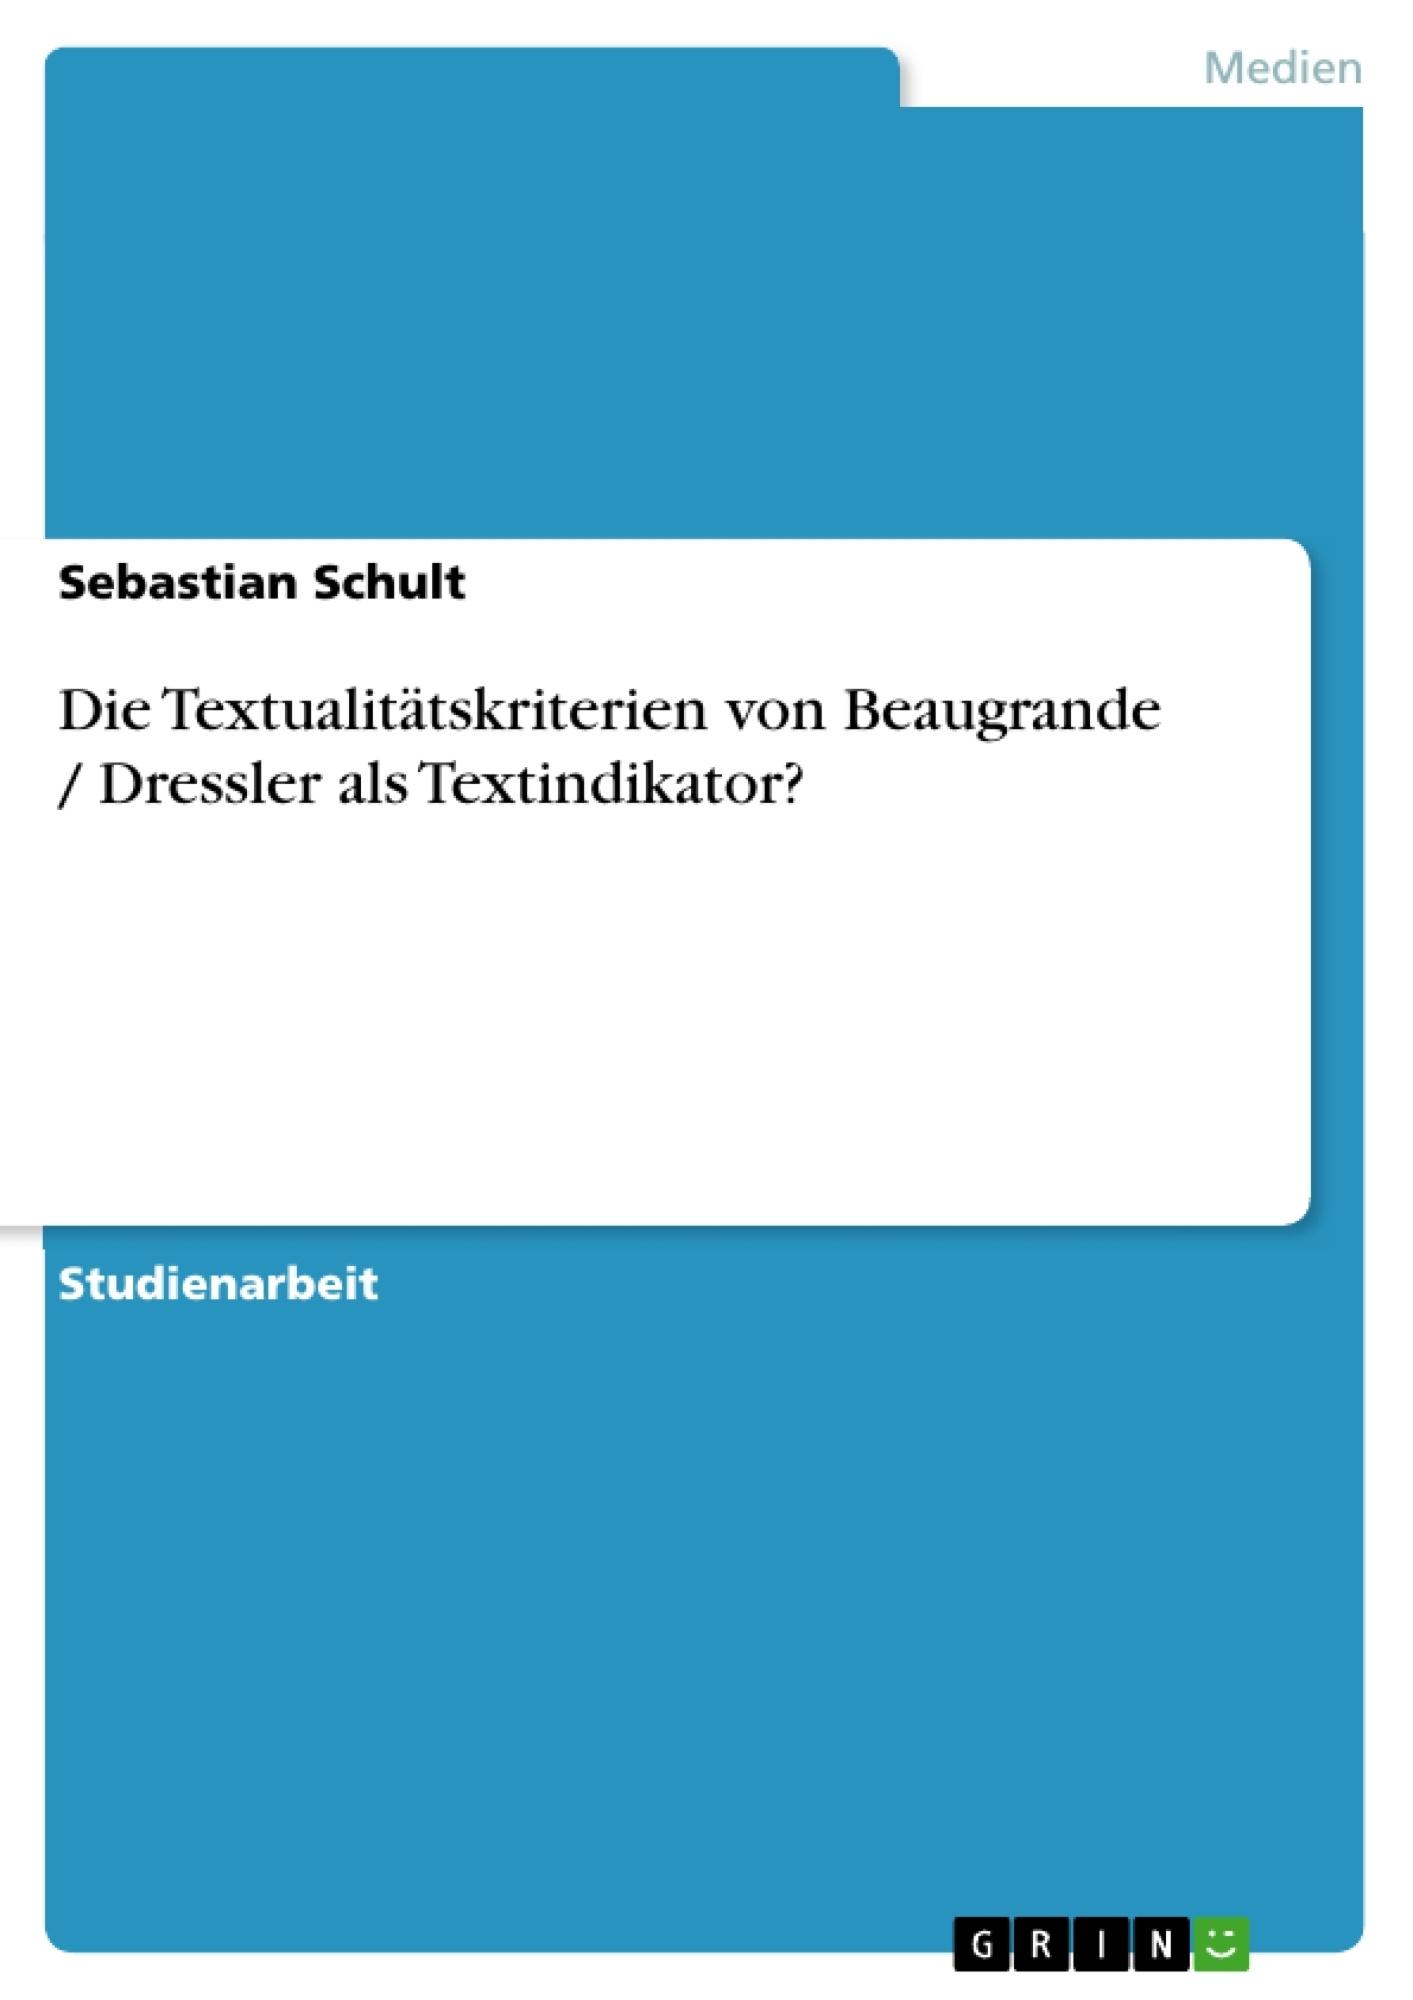 Titel: Die Textualitätskriterien von Beaugrande / Dressler als Textindikator?